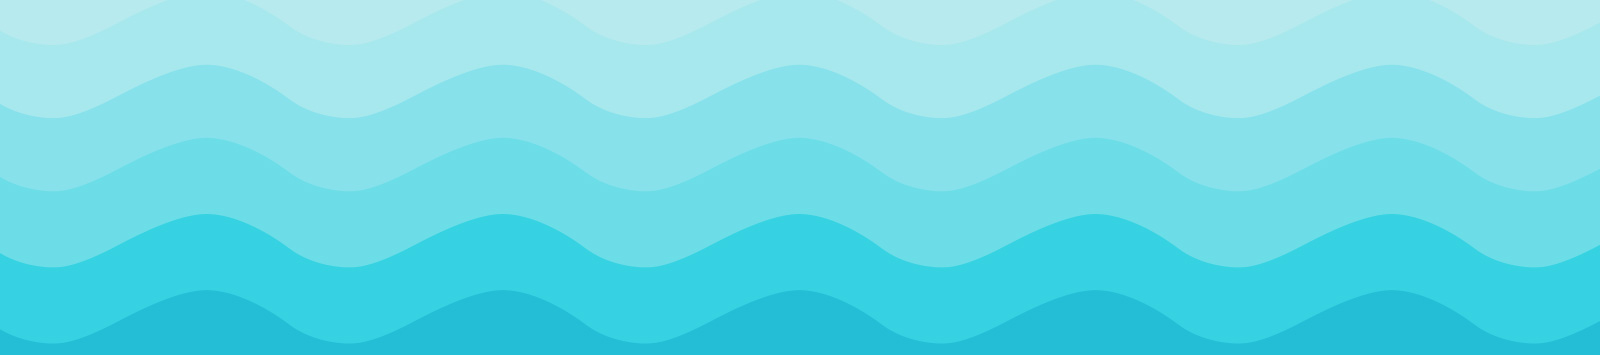 header-wave-bg.jpg